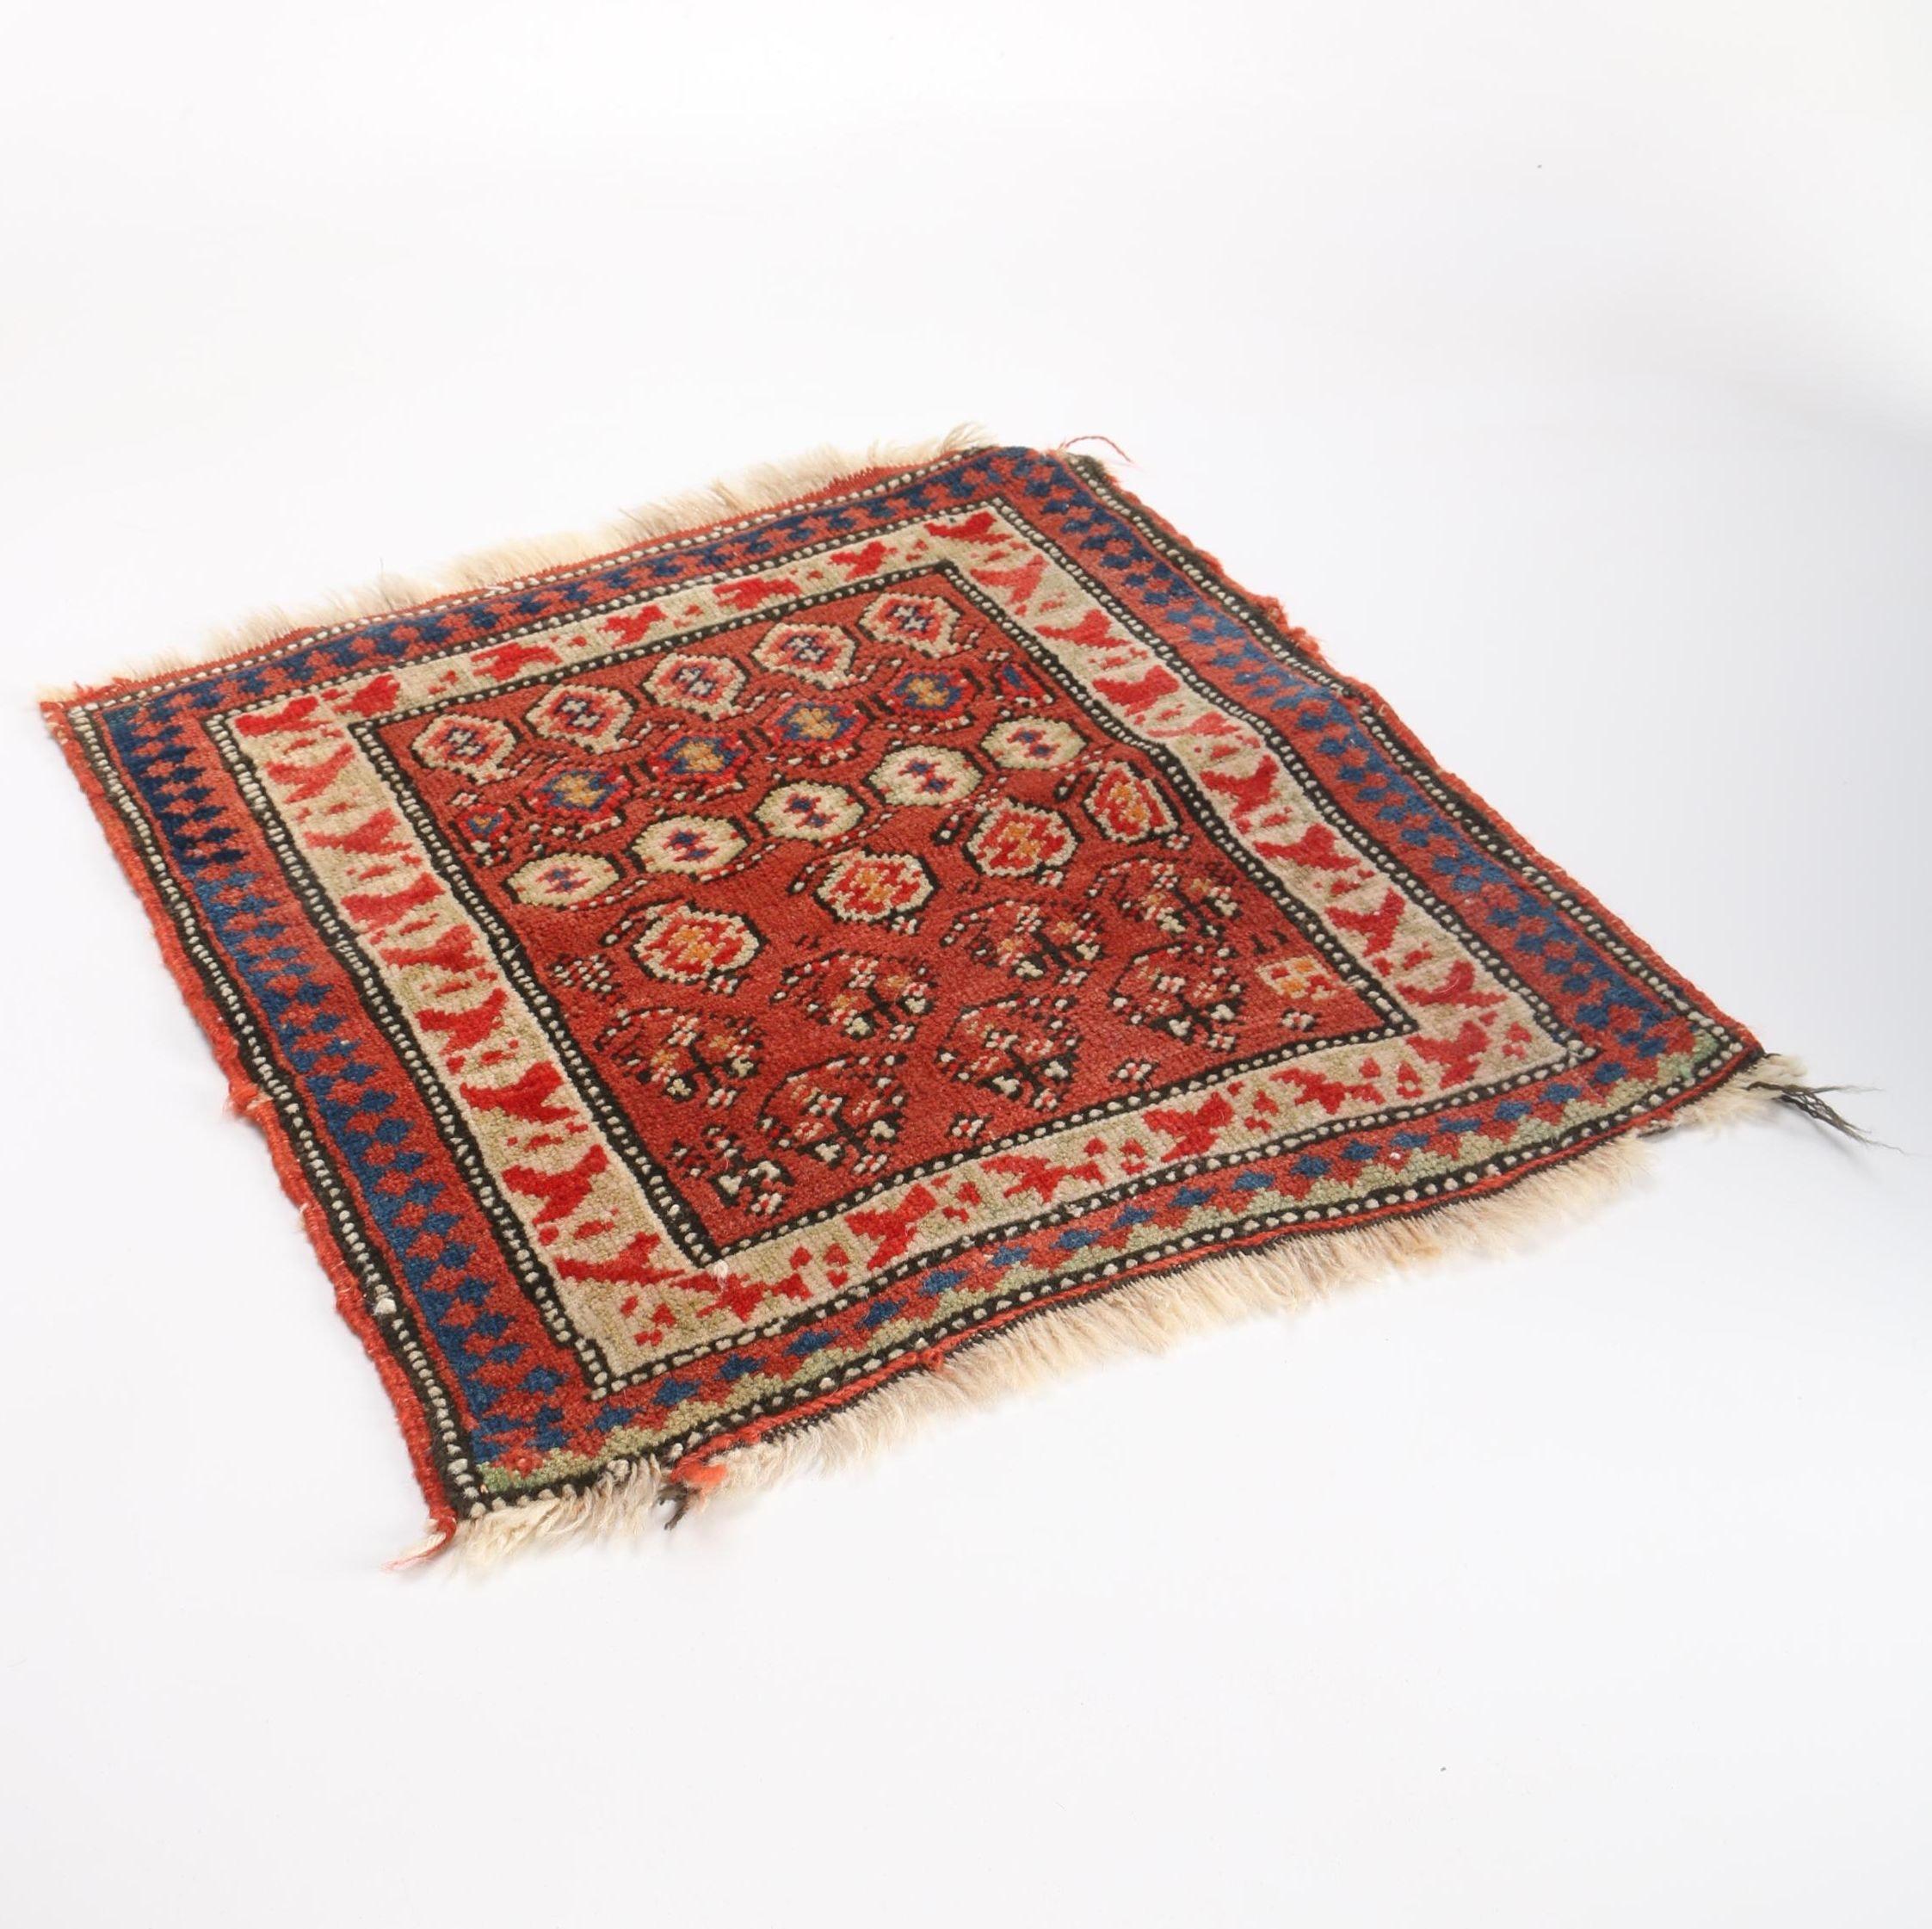 Vintage Hand-Knotted Anatolian Wool Yastik